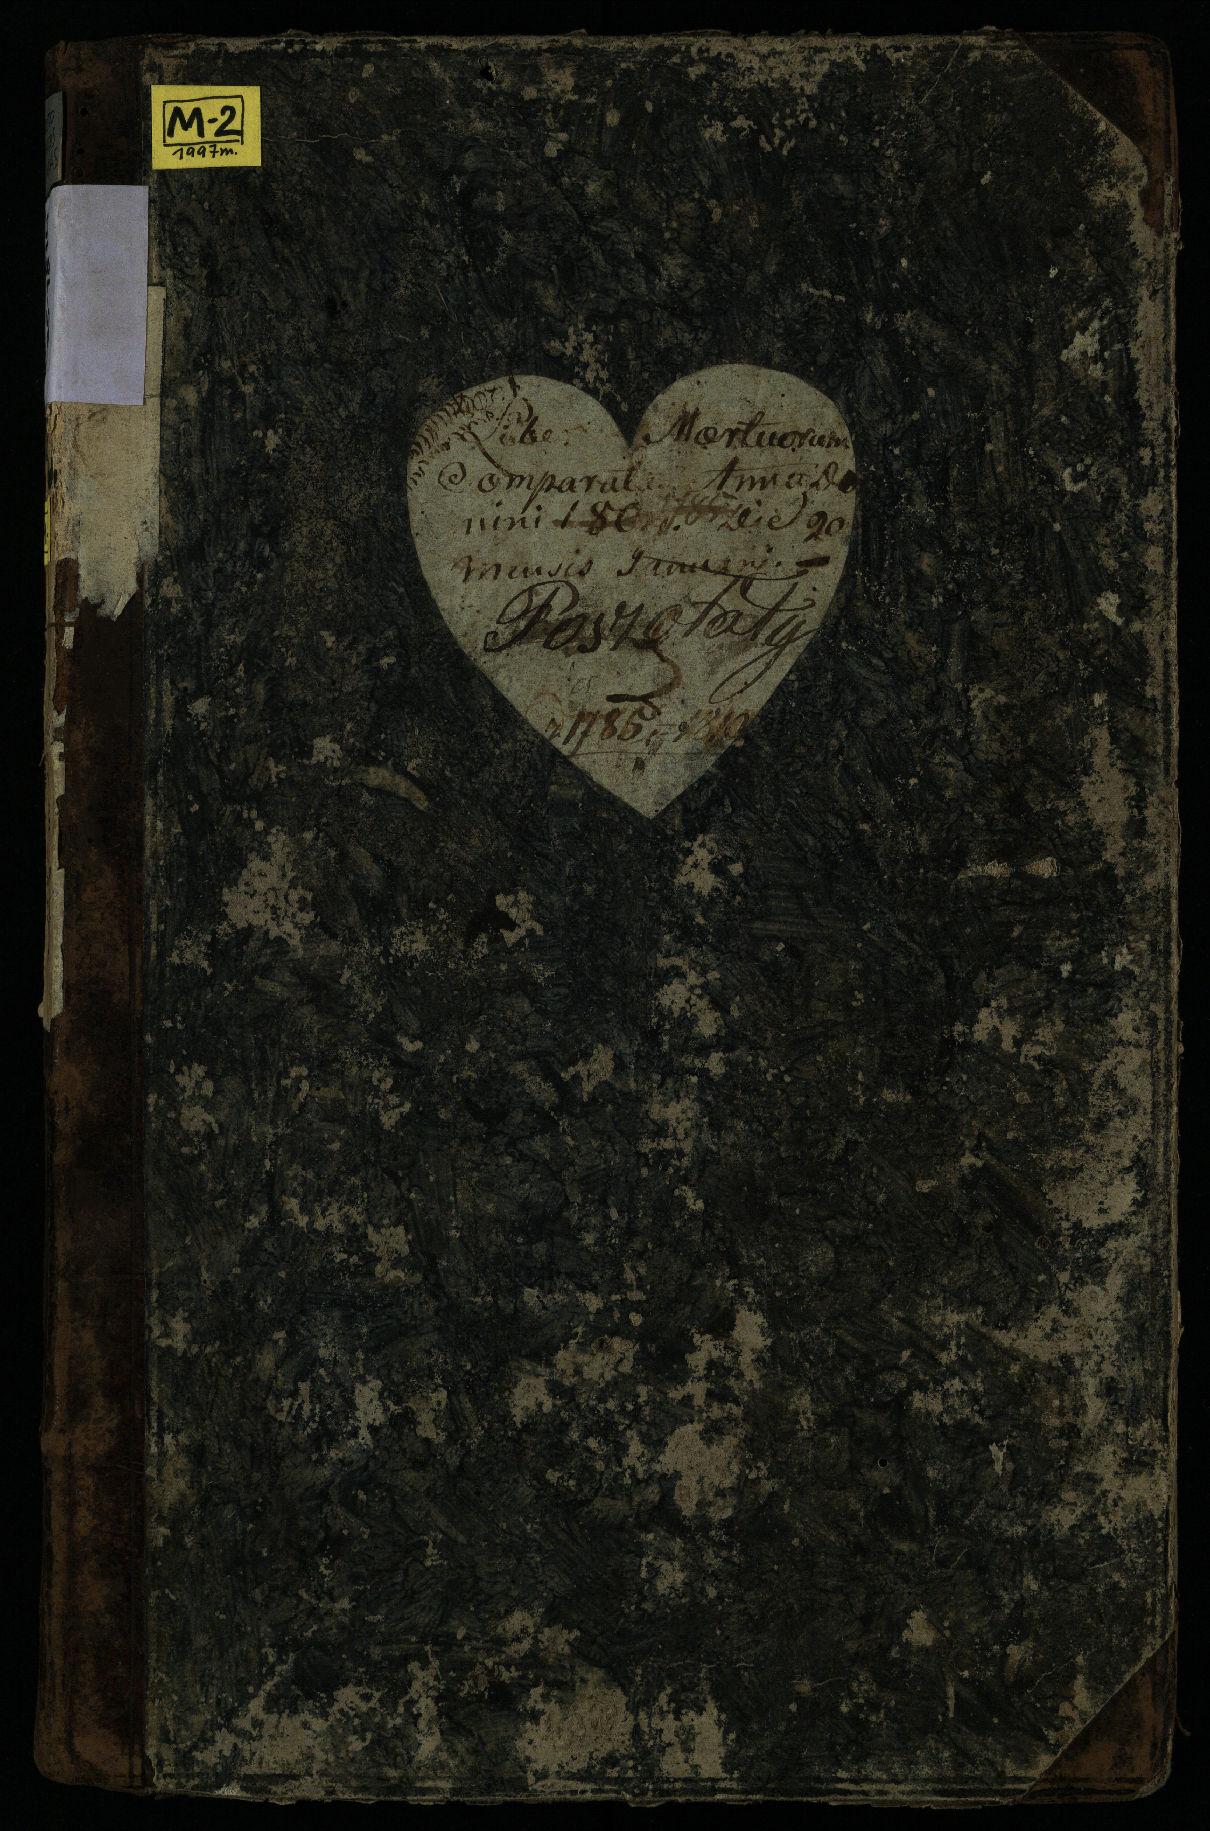 Pušaloto Romos katalikų parapijos bažnyčios 1785–1810 metų mirties metrikų knyga